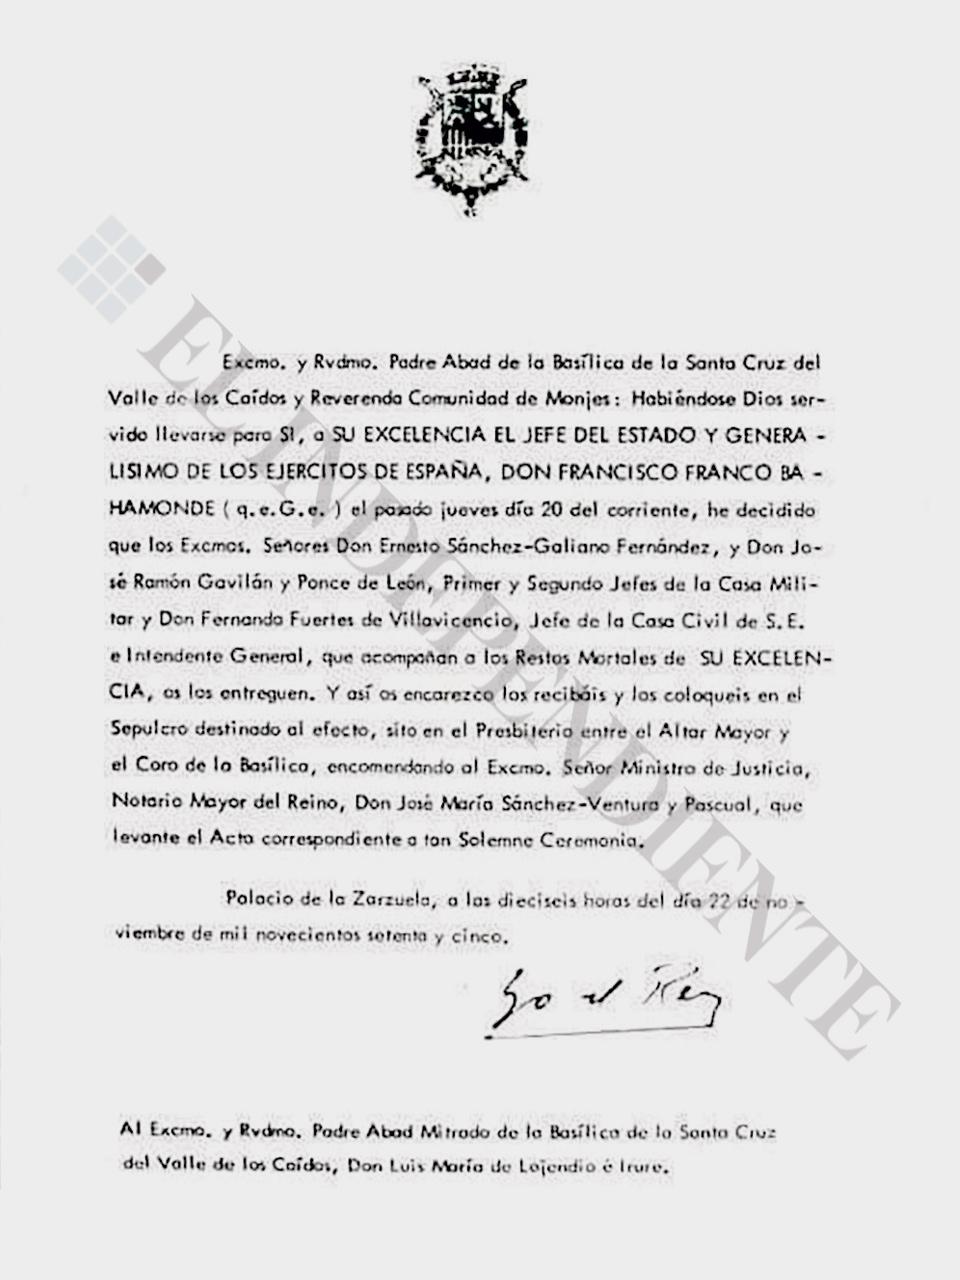 Carta de Juan Carlos I entregando los resto de Franco